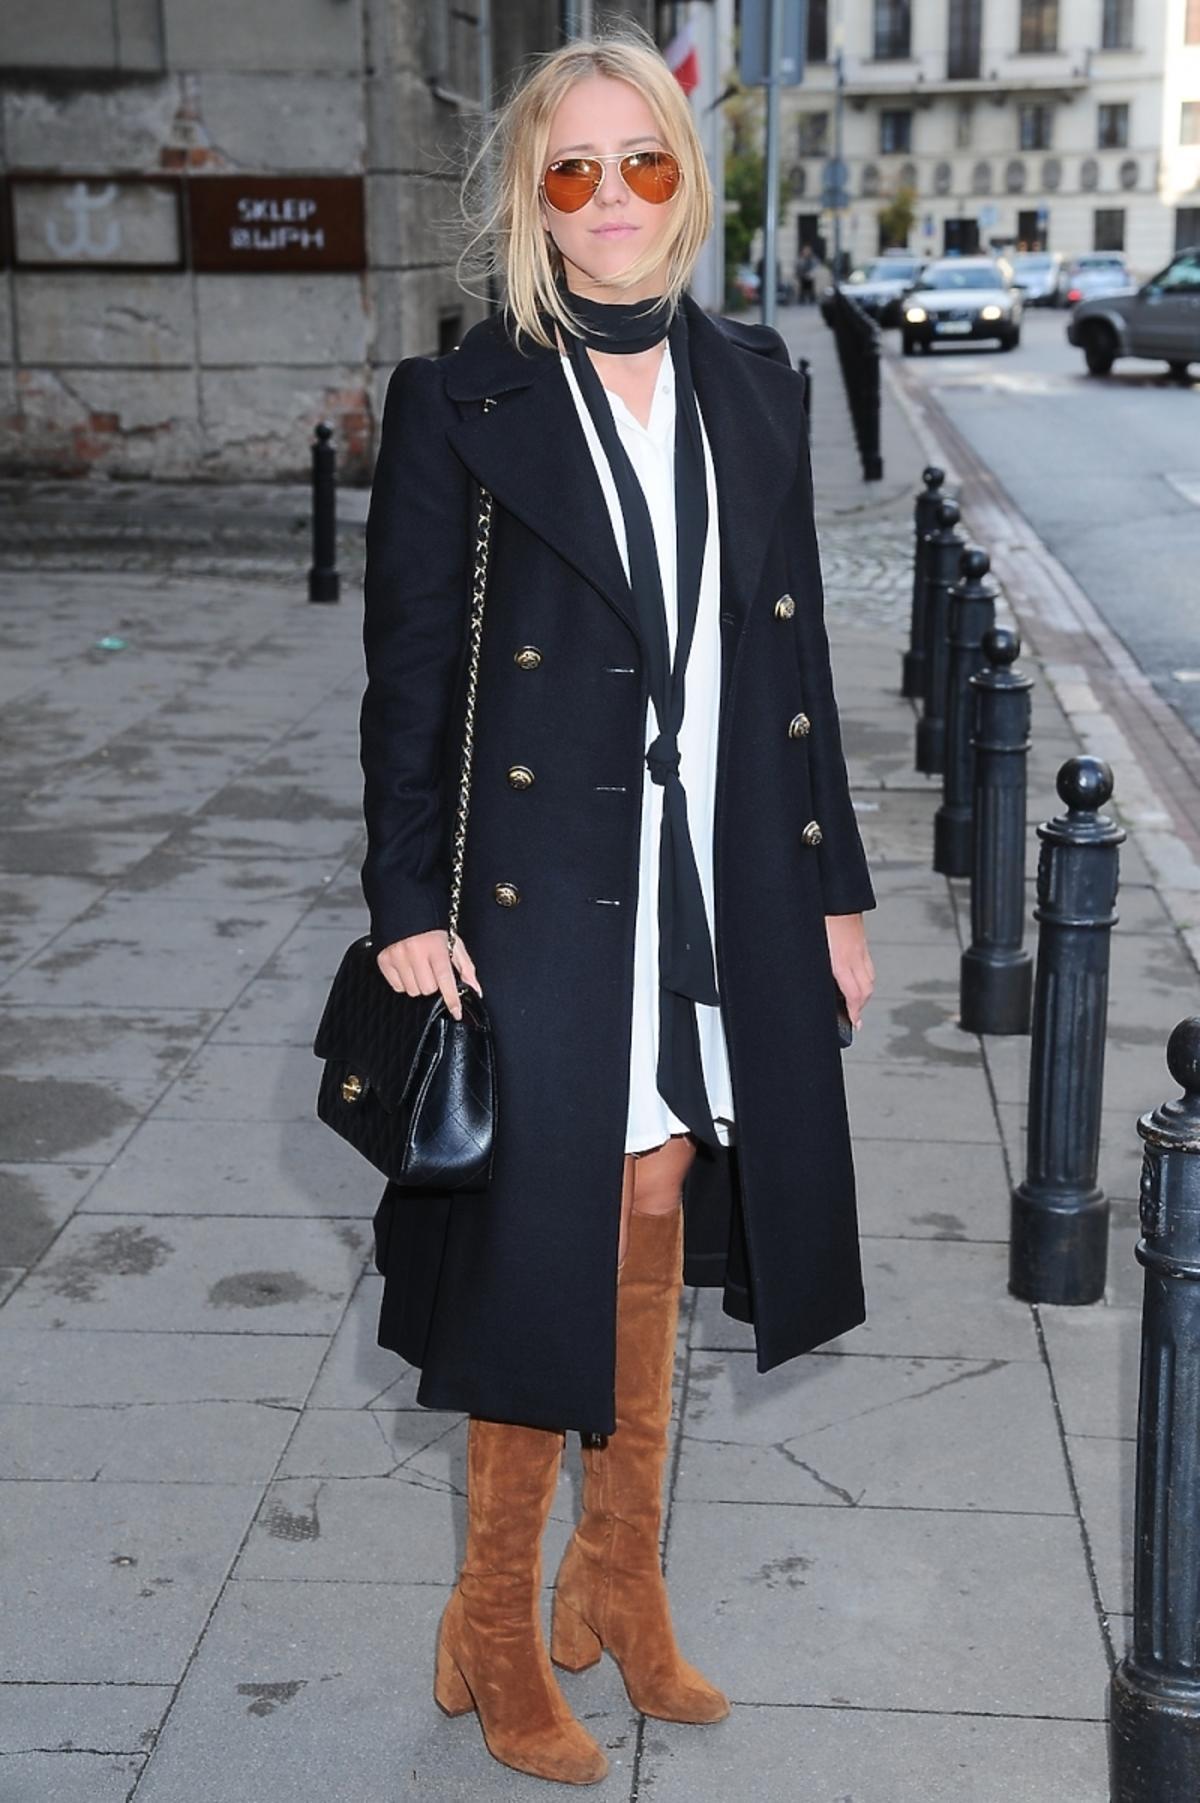 Jessica Mercedes w białek sukience, czarnym płaszczu brązowych kozakach w okularach